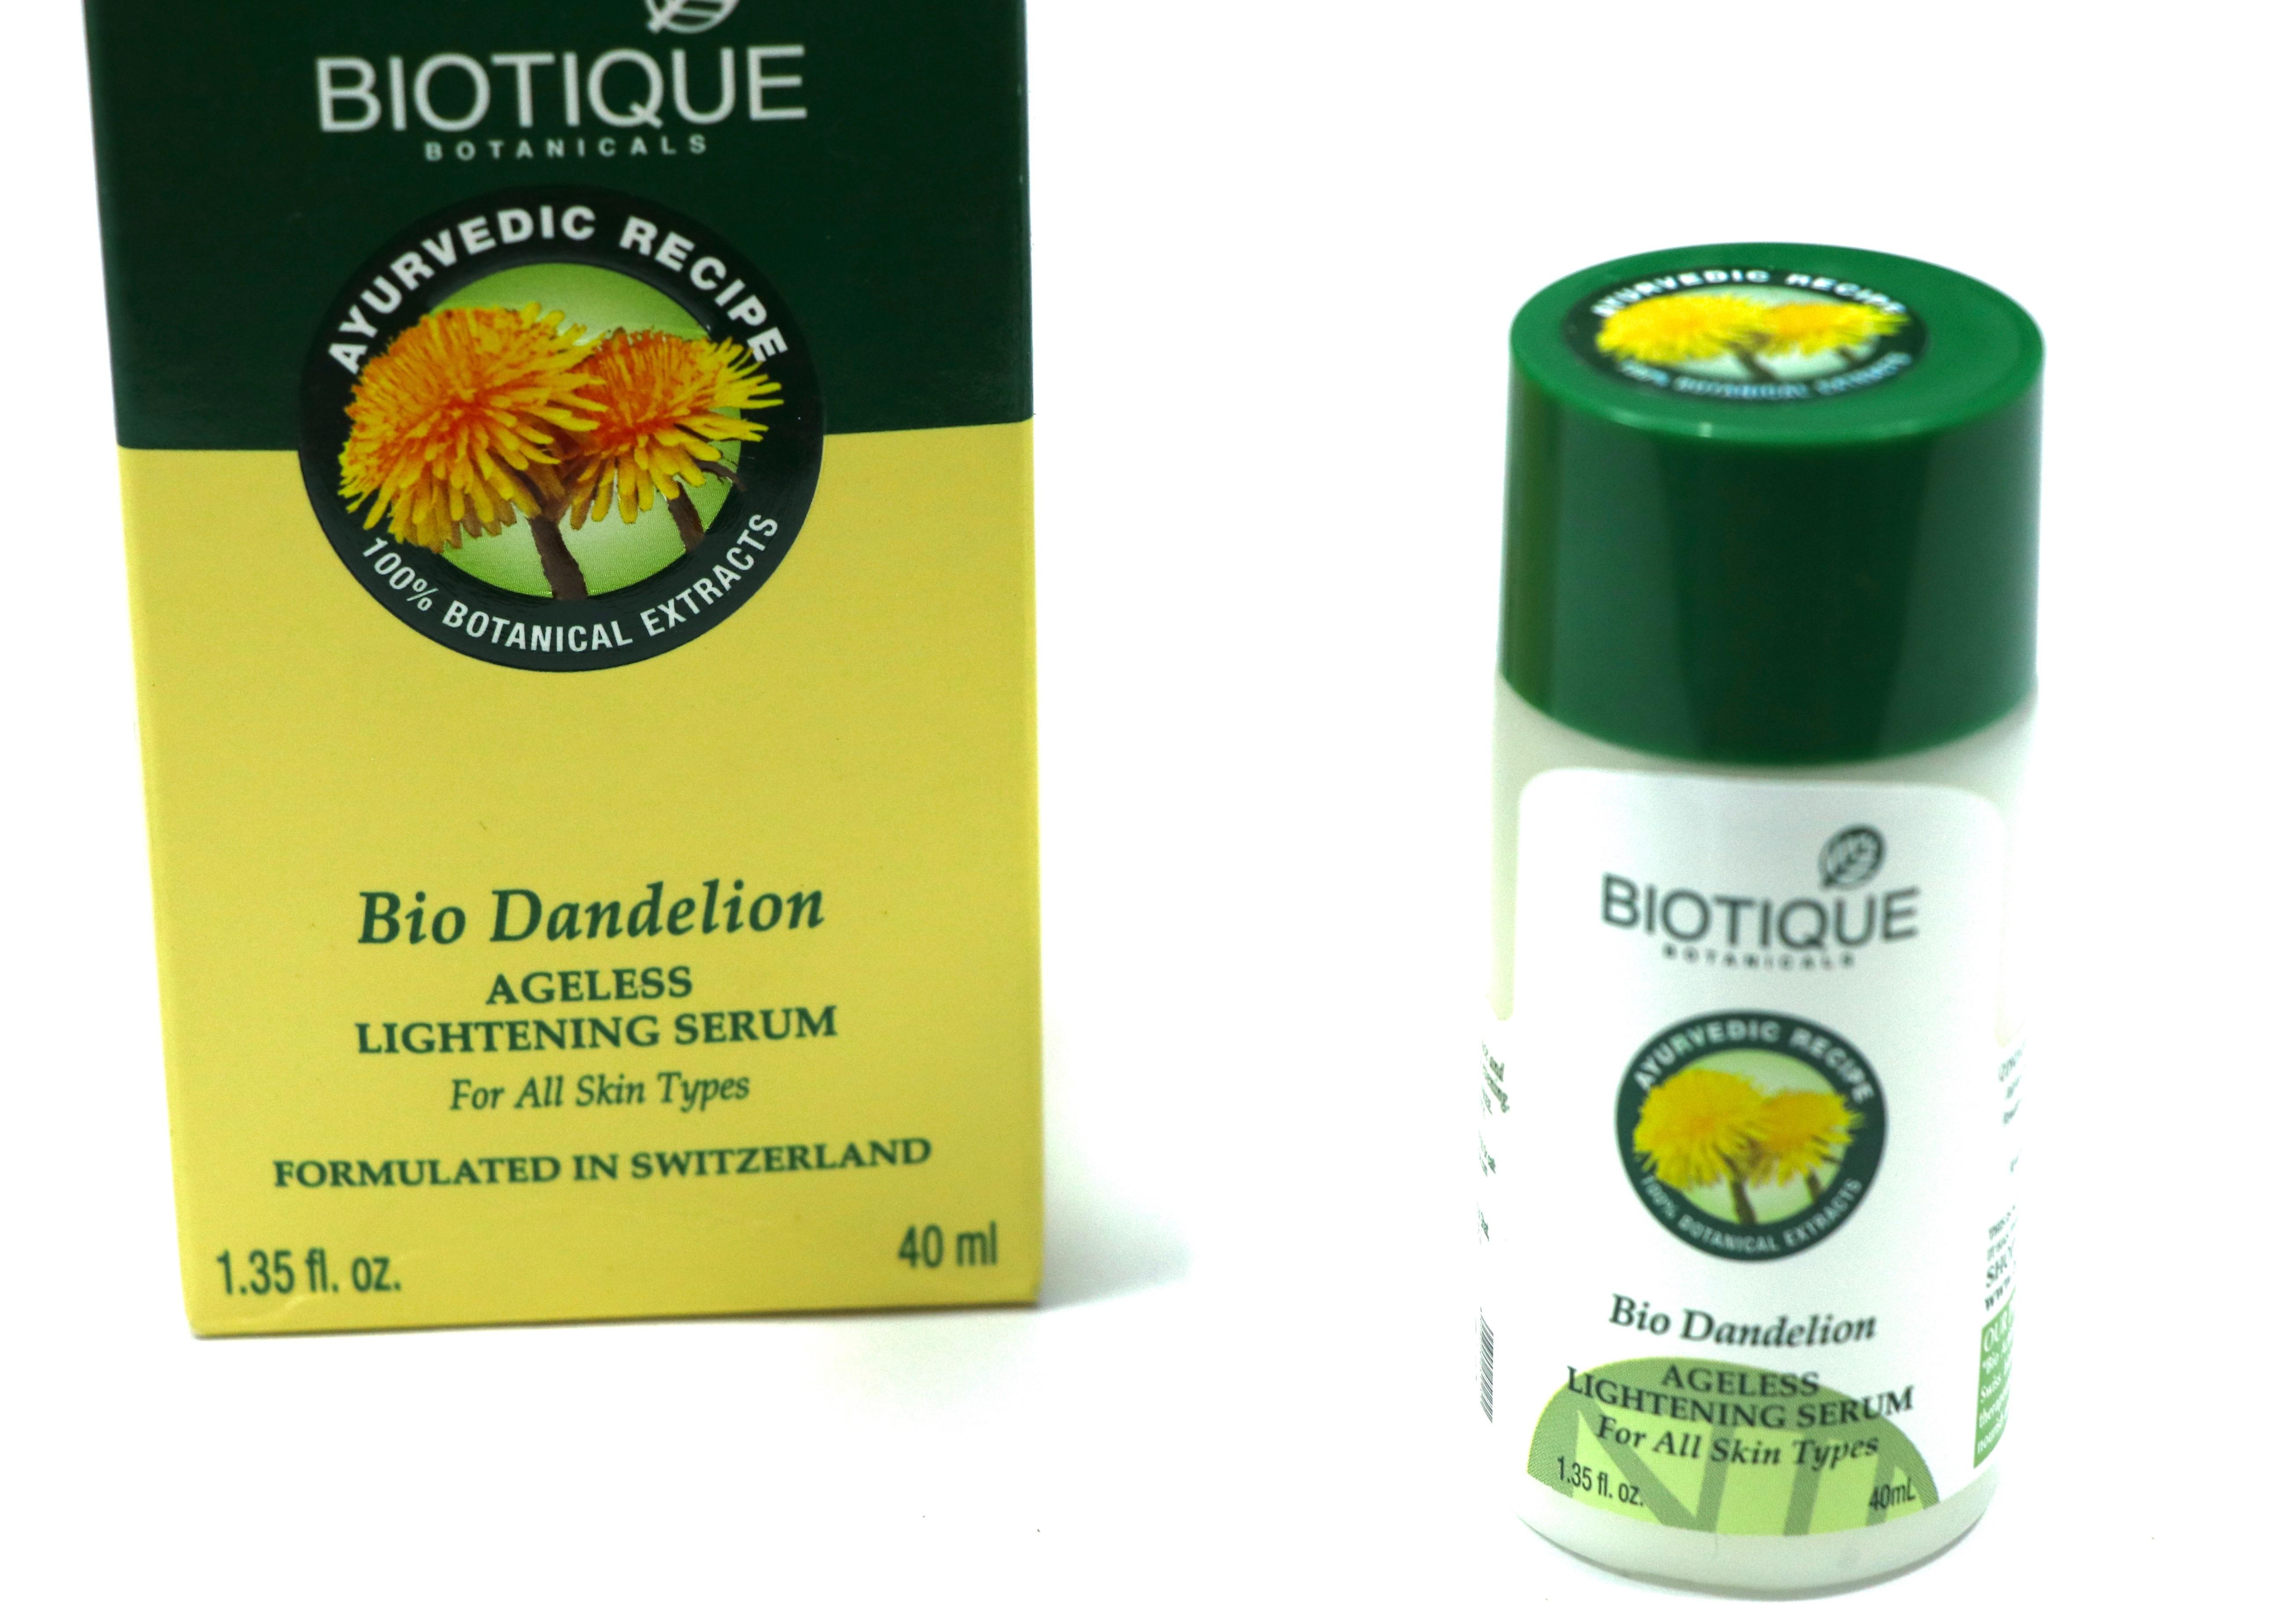 Biotique Bio Dandelion Ageless Lightening Serum Review Swatches